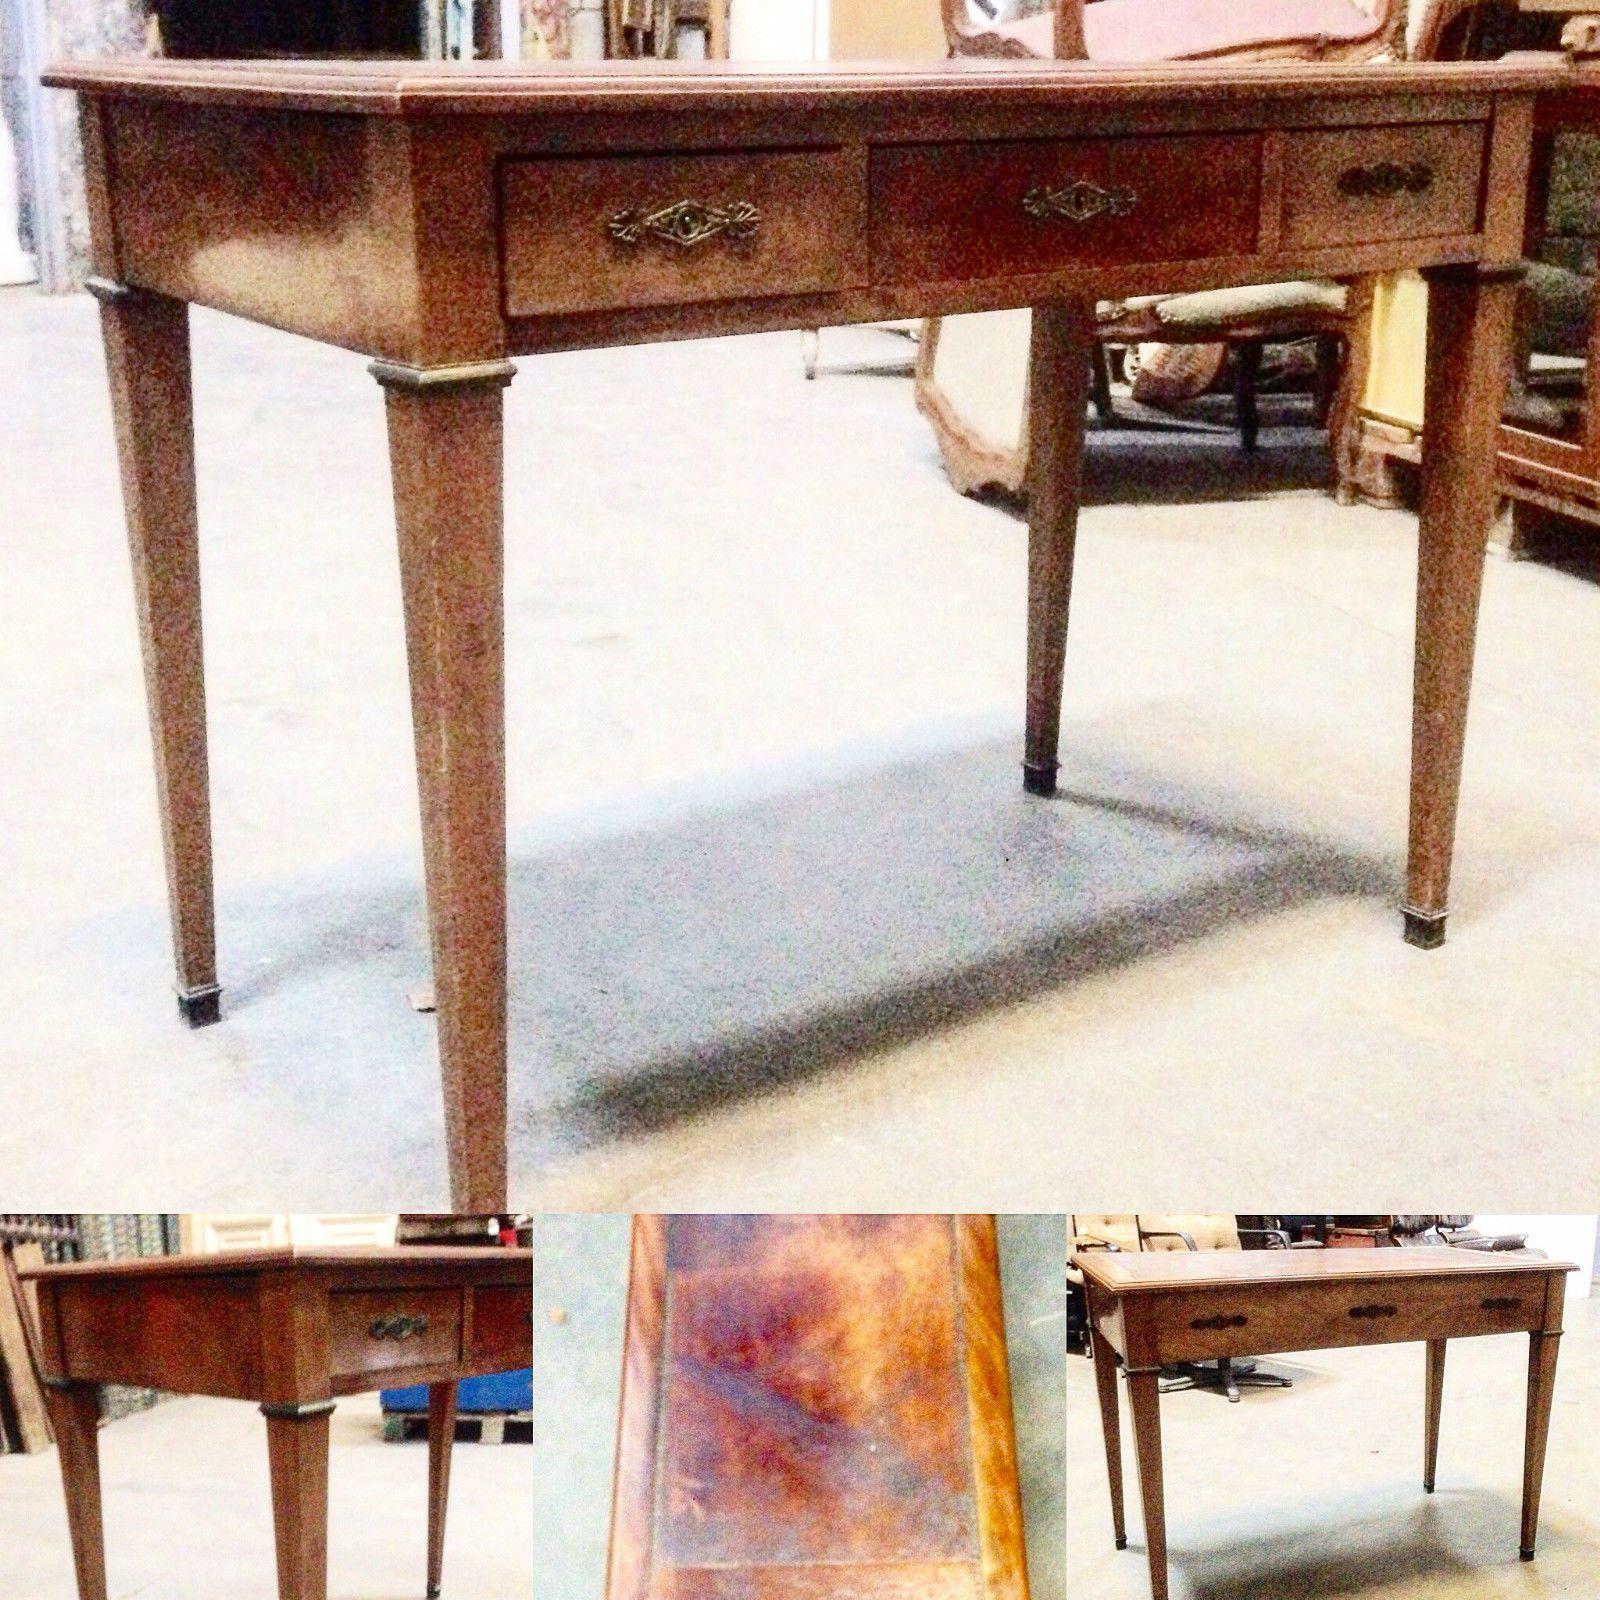 Bureau Plat Bureau Ancien Table Bureau Bureau Louis Xvi Petit Bureau Mobilier De Salon Bureau Ancien